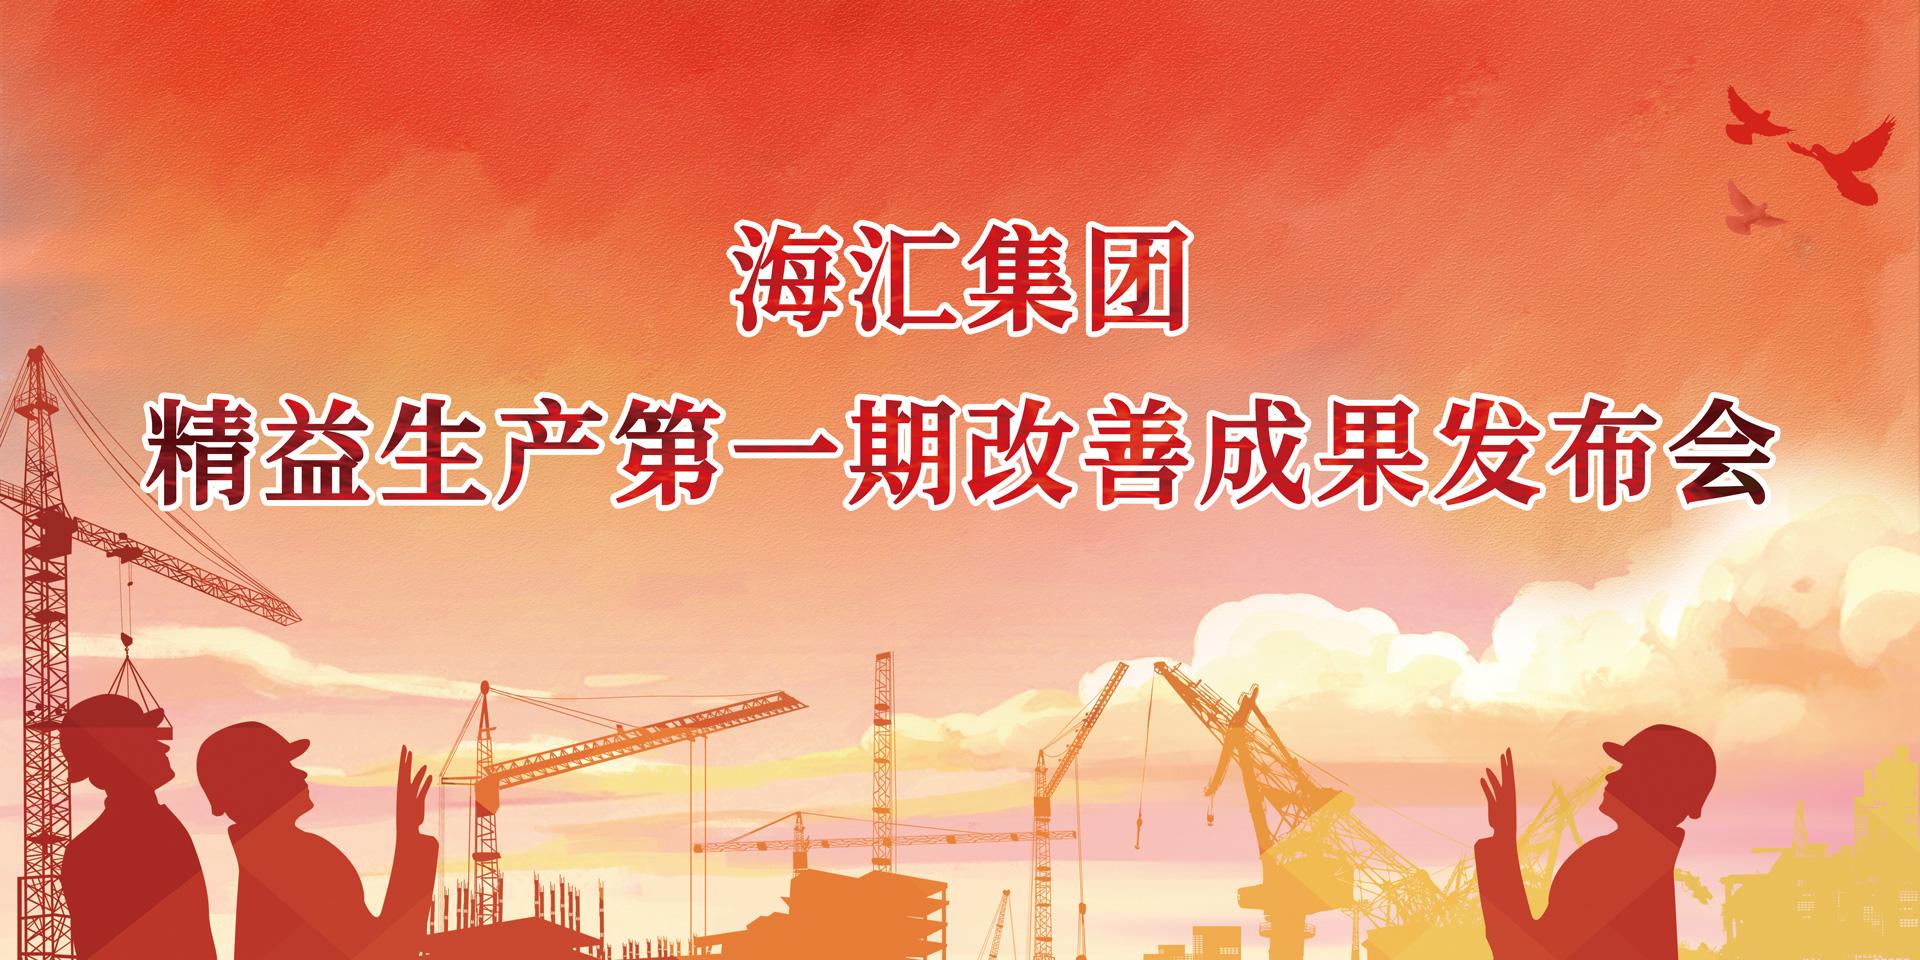 海�R集�F精益生�a第一期改善成果�l布���倮�...